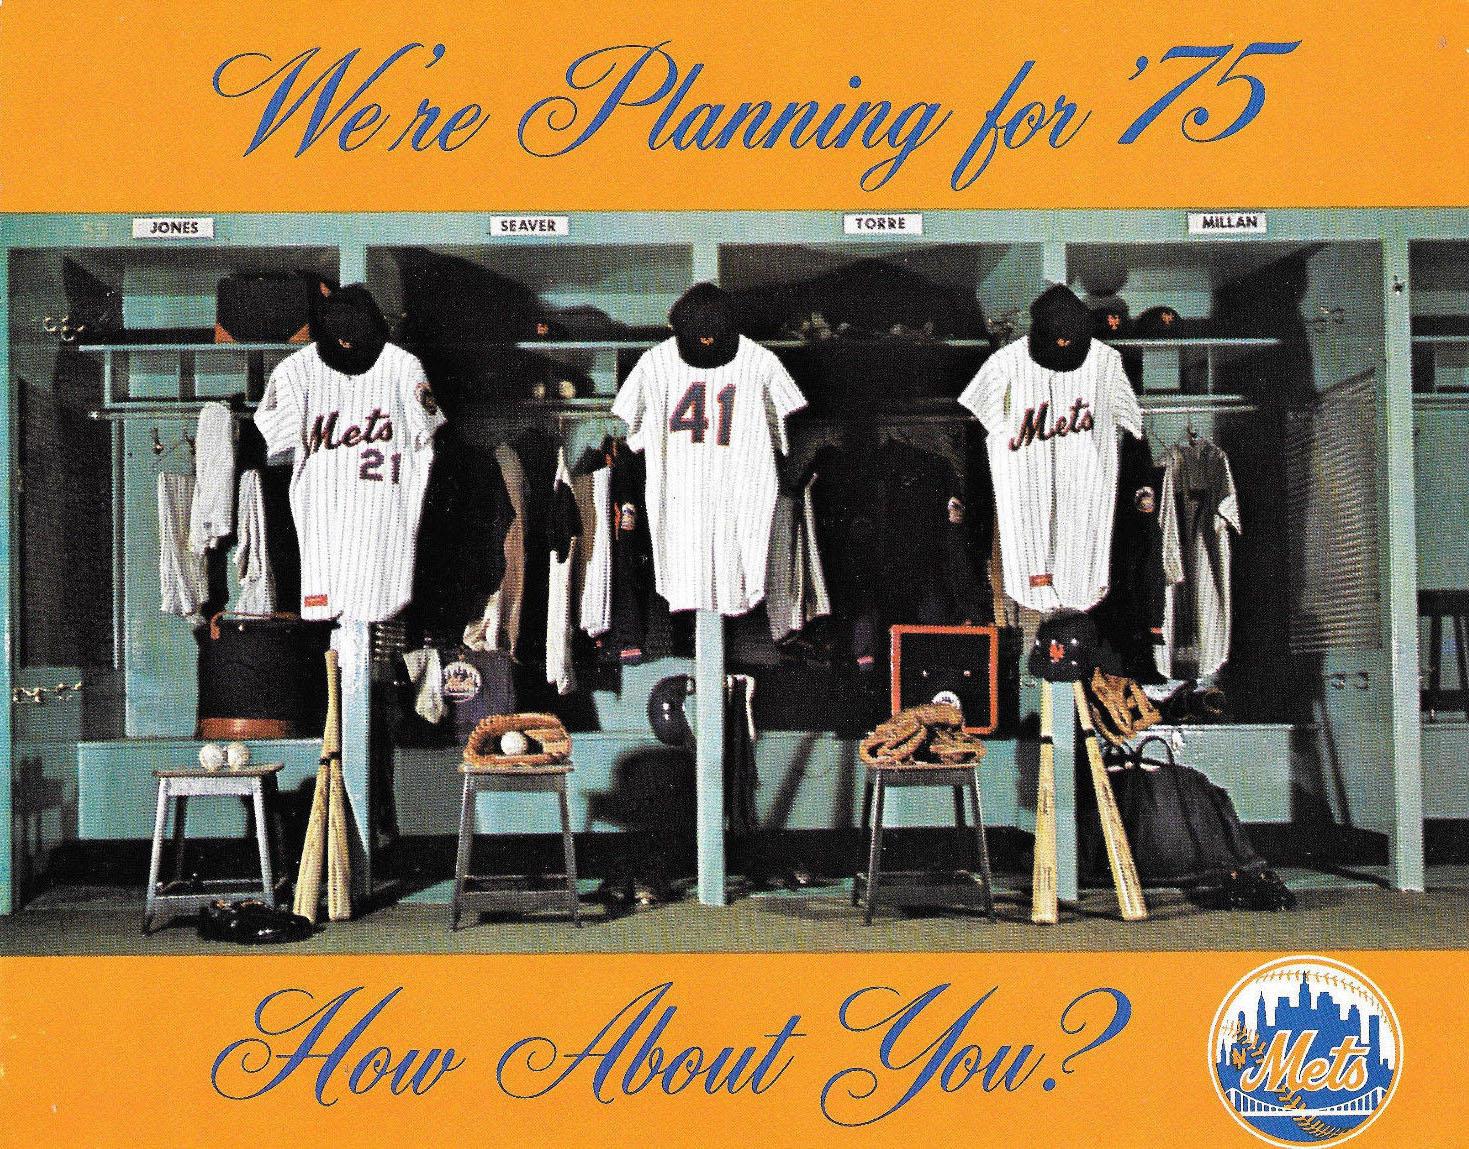 1975 New York Mets season ticket brochure/schedule